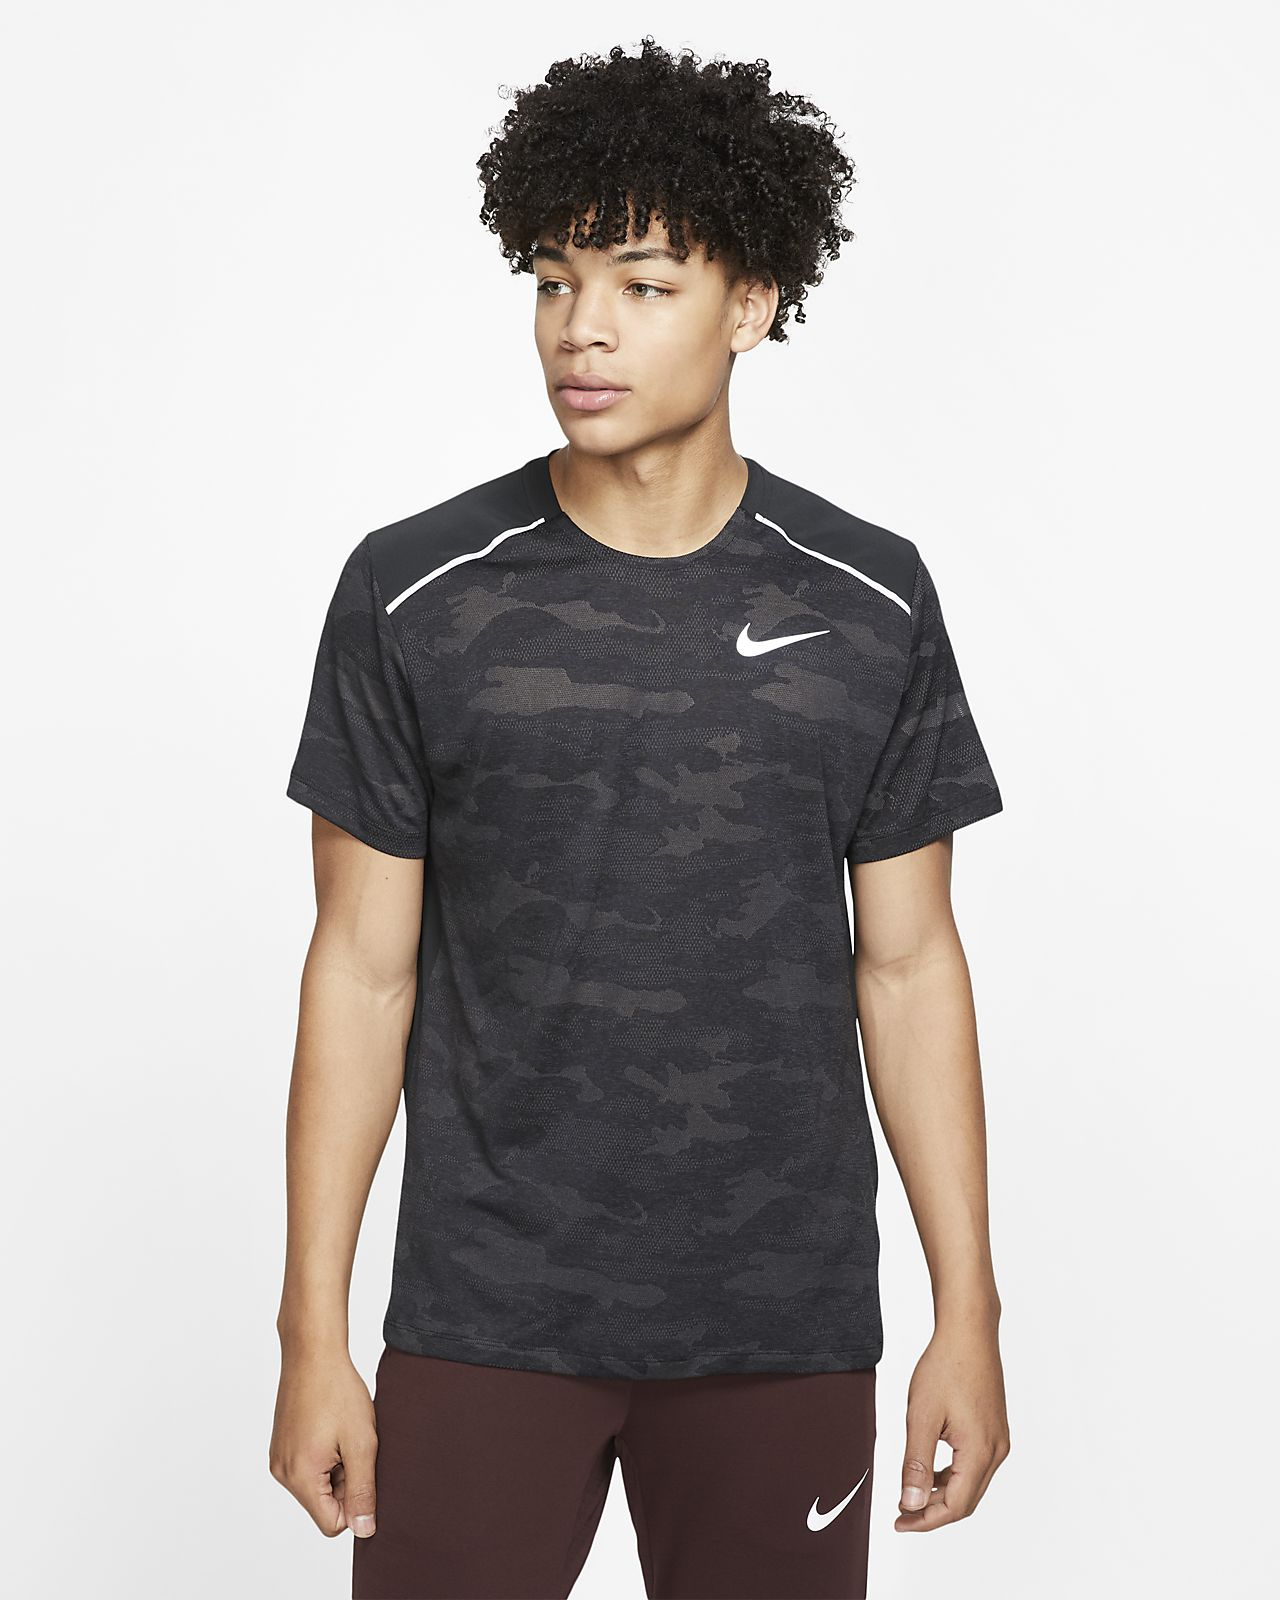 Pánské běžecké tričko Nike TechKnit s krátkým rukávem